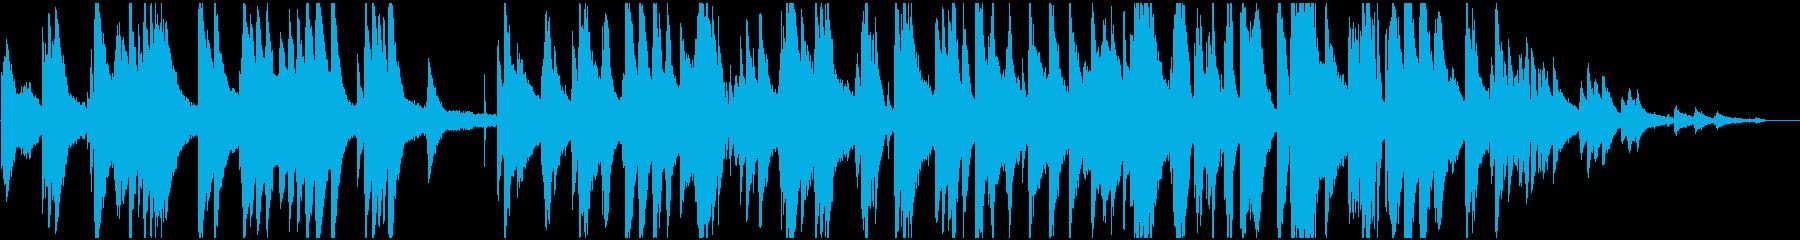 レコード風 レトロなピアノジャズの再生済みの波形